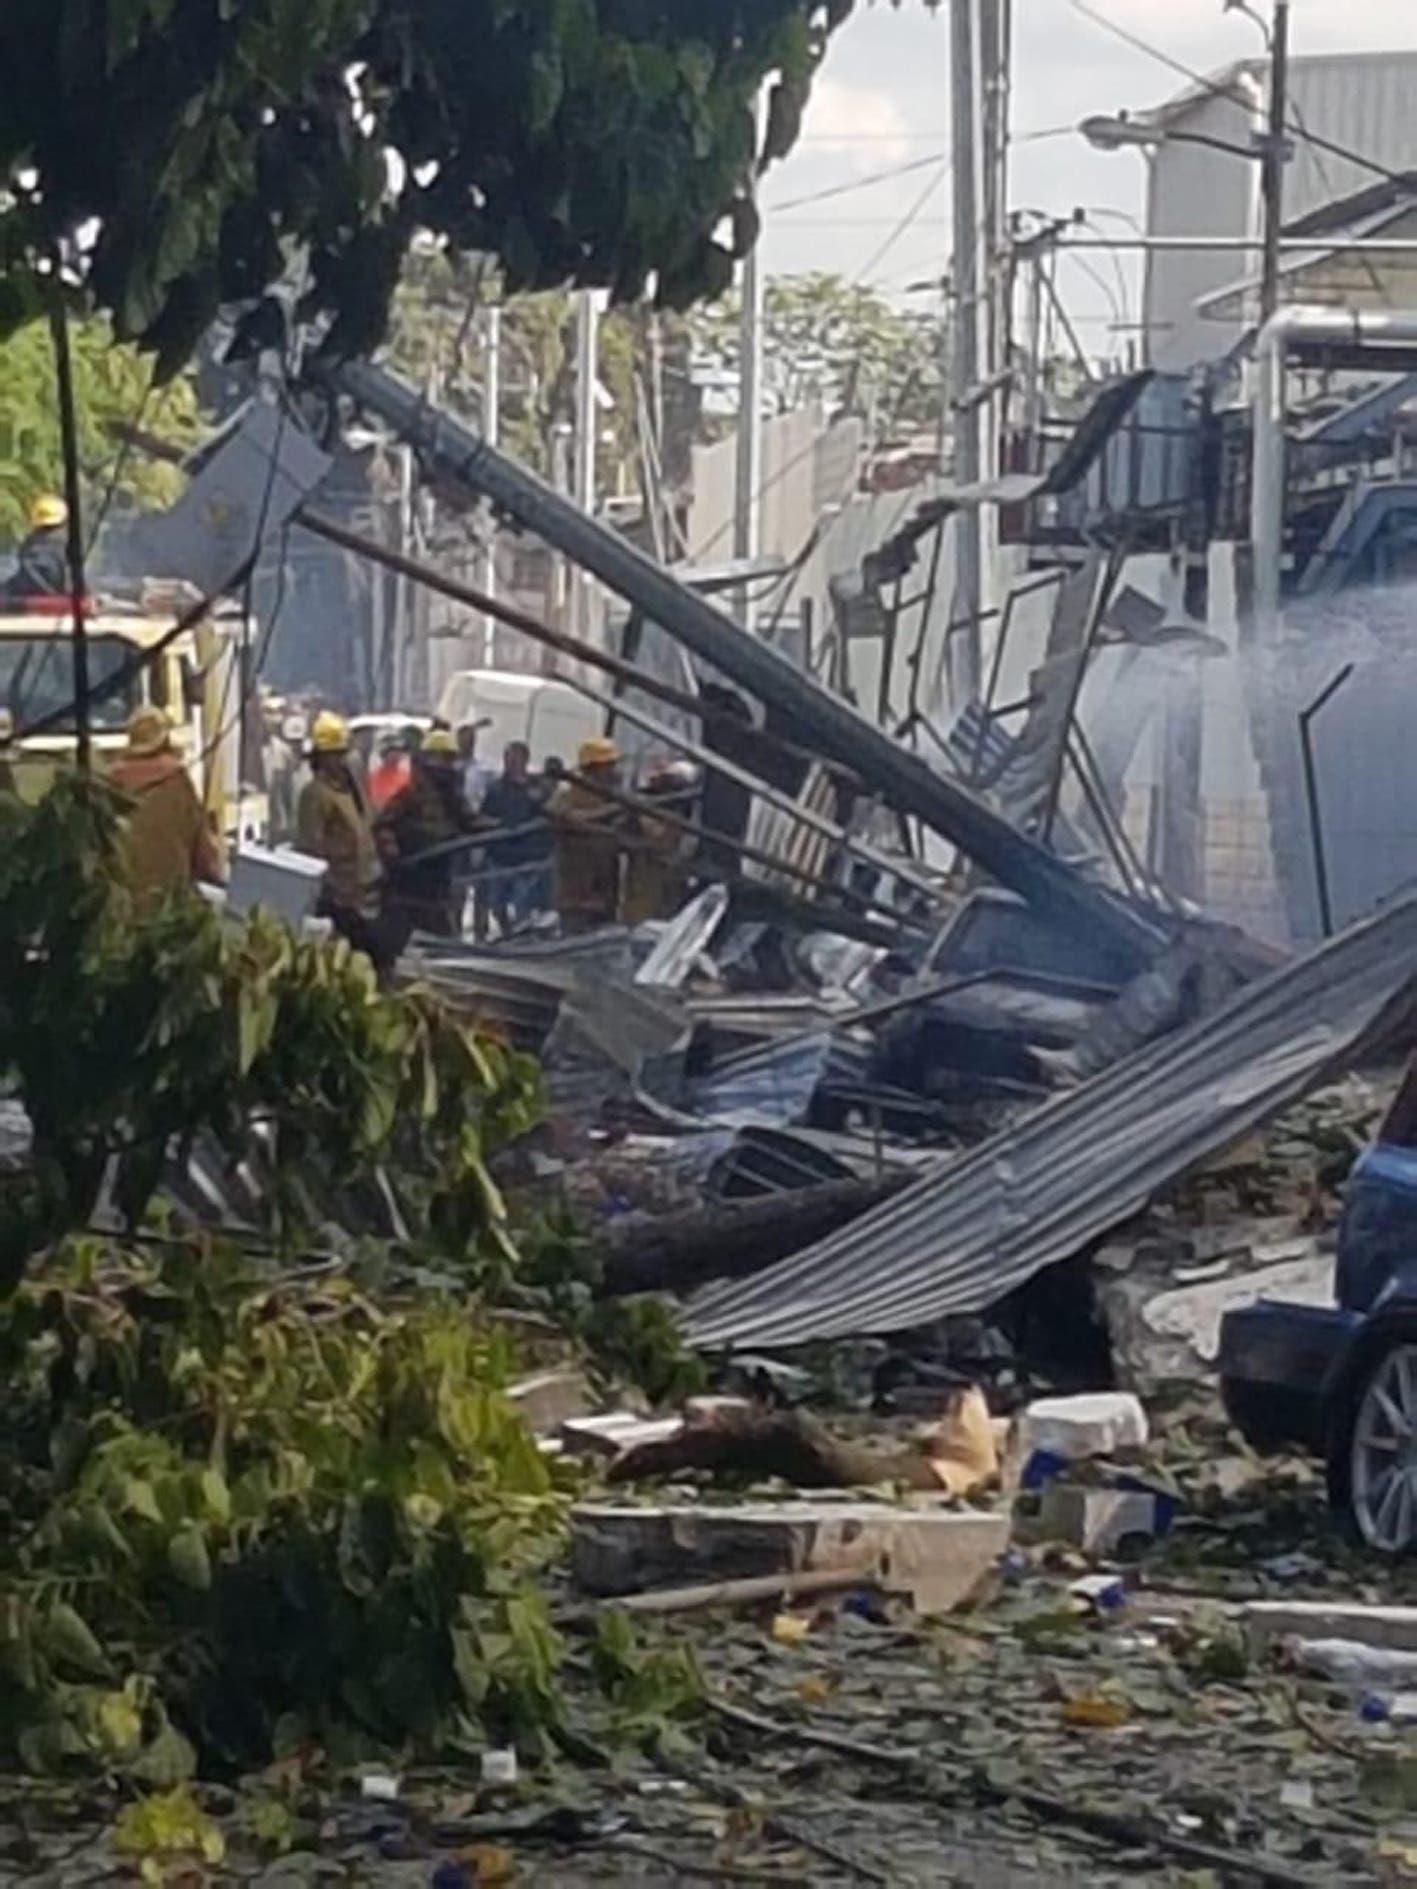 Listado oficial de los heridos tras explosión en Polyplas en Villas Agrícolas